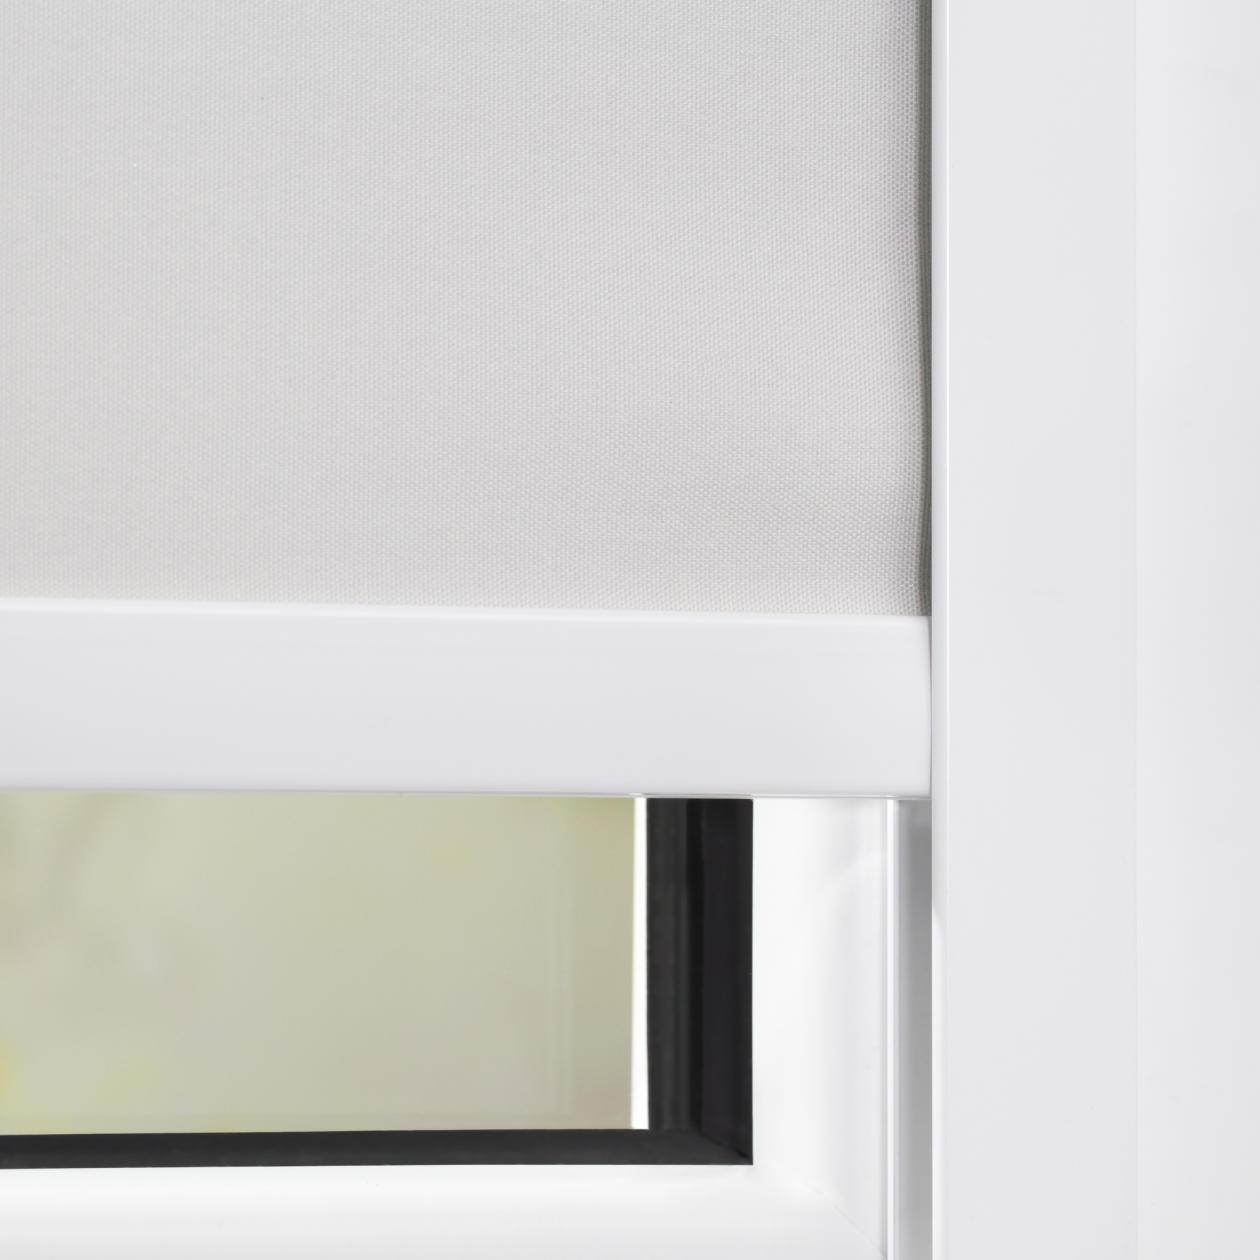 lichtblick seitenprofil klebfix f r thermo rollo mit kassette wei verdunkelun ebay. Black Bedroom Furniture Sets. Home Design Ideas